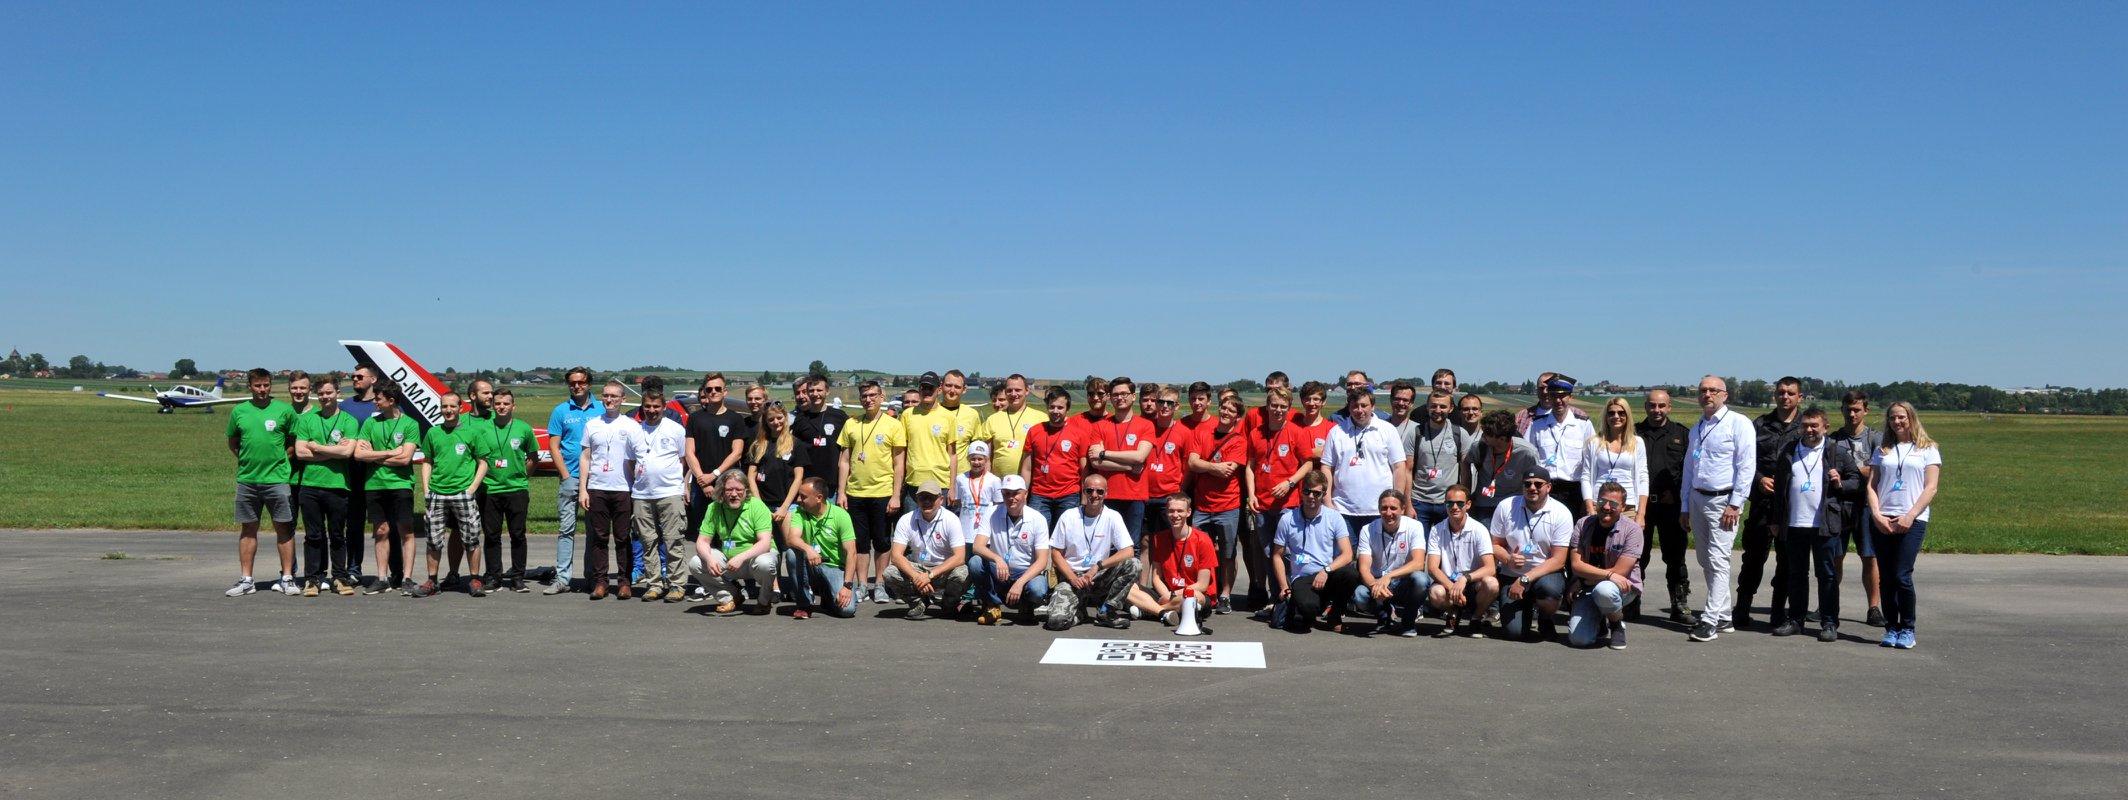 Droniada 2018 - Uczestnicy i organizatorzy